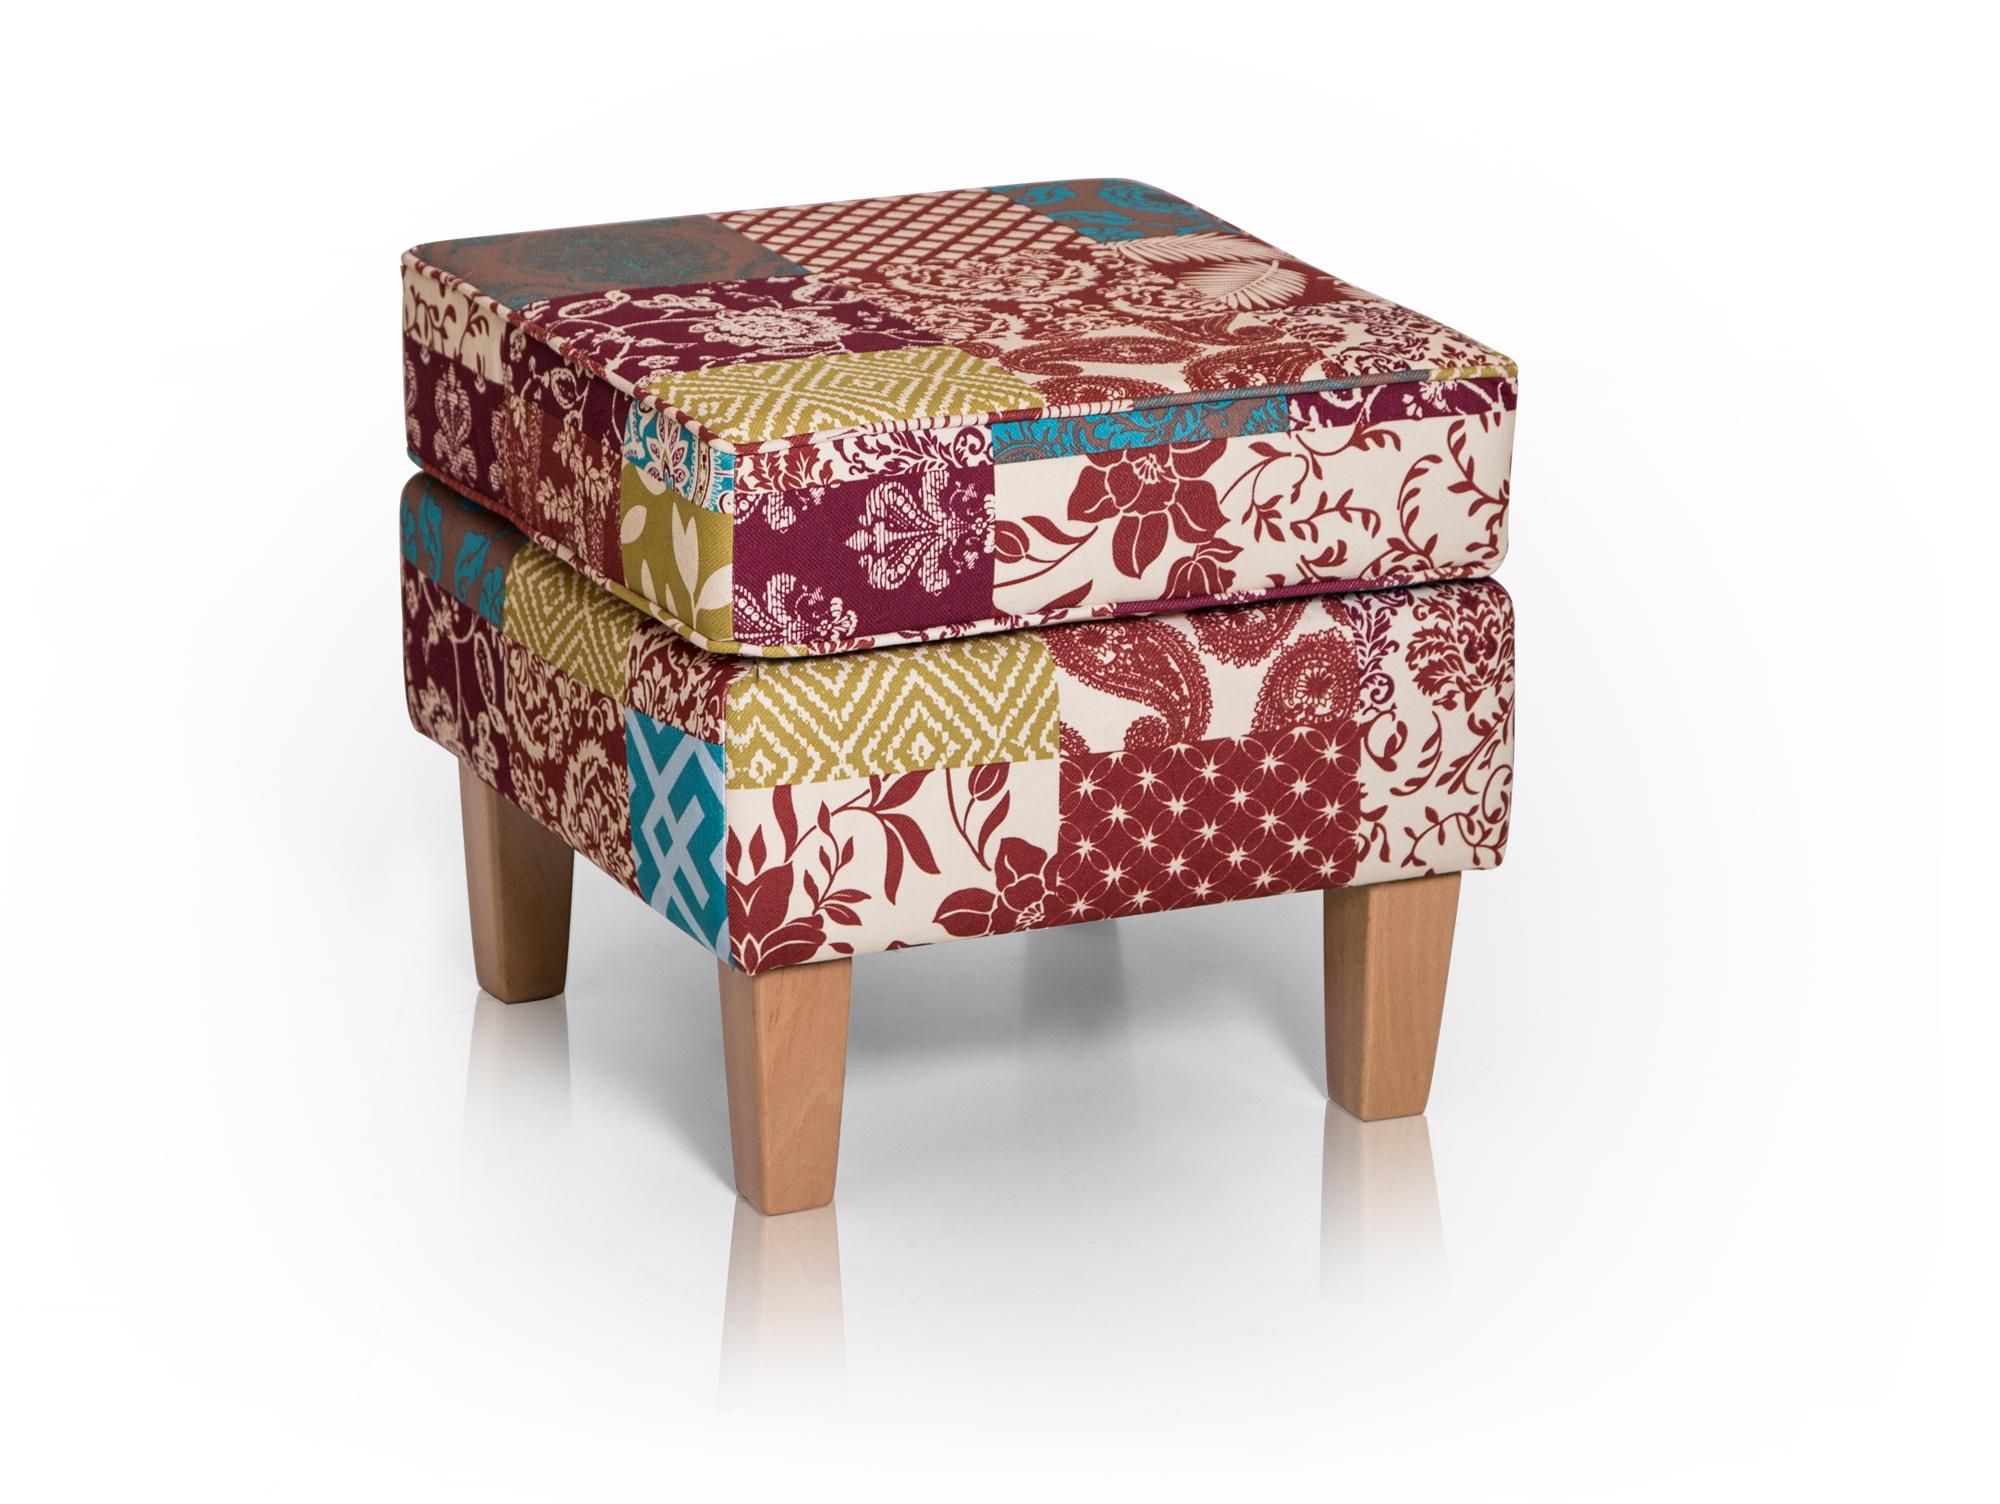 willy ohrensessel hocker patchwork bunt. Black Bedroom Furniture Sets. Home Design Ideas